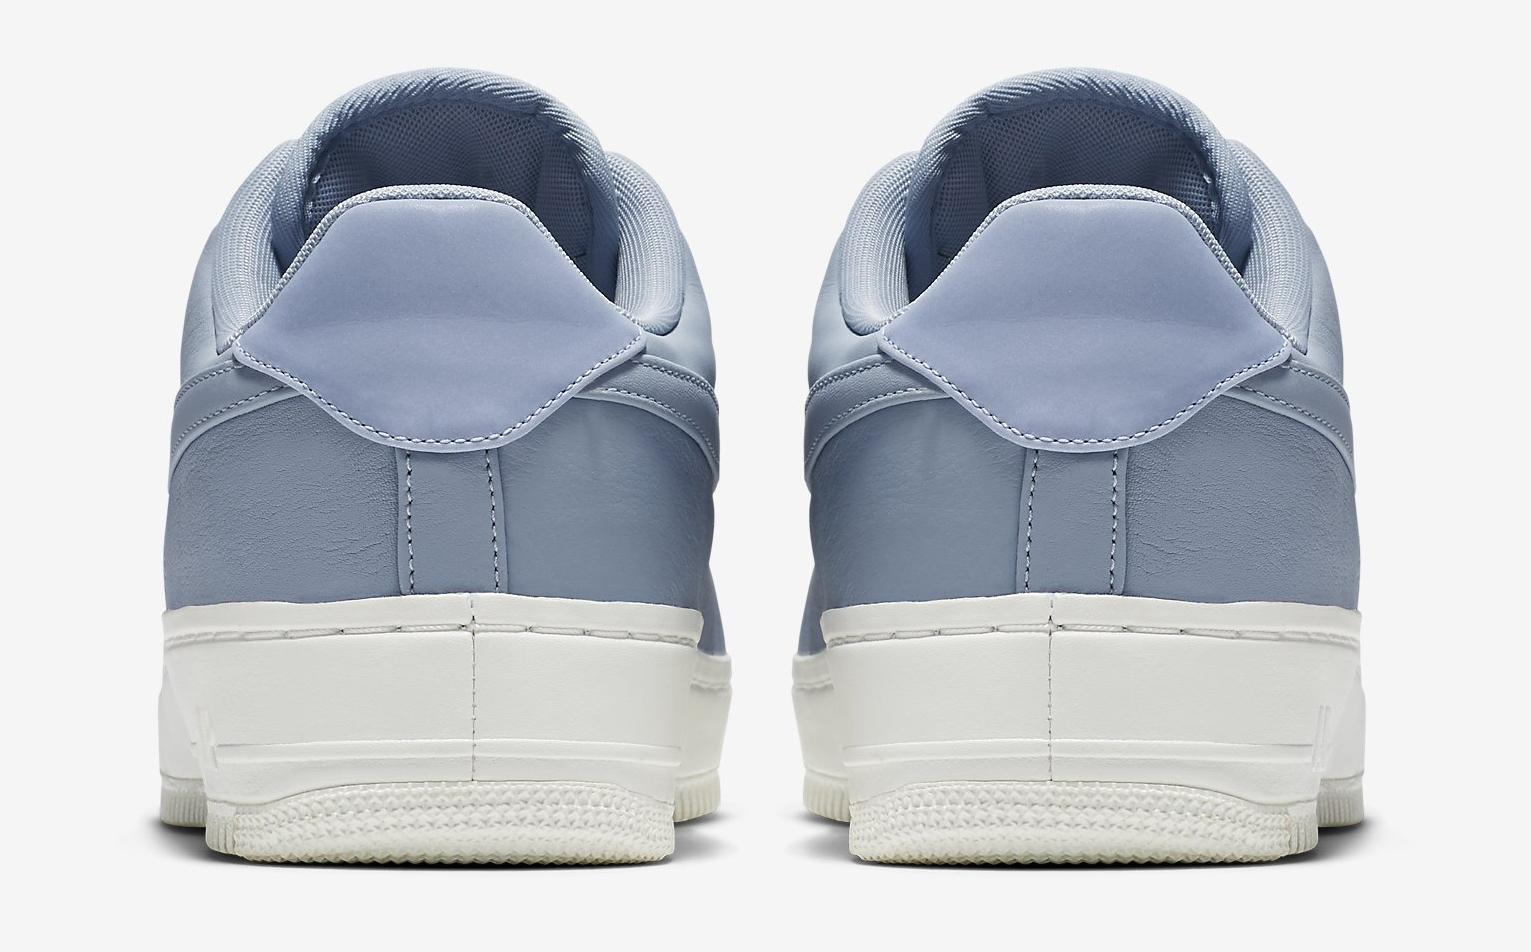 nikelab-air-force-1-low-blue-grey-905618-400-heel